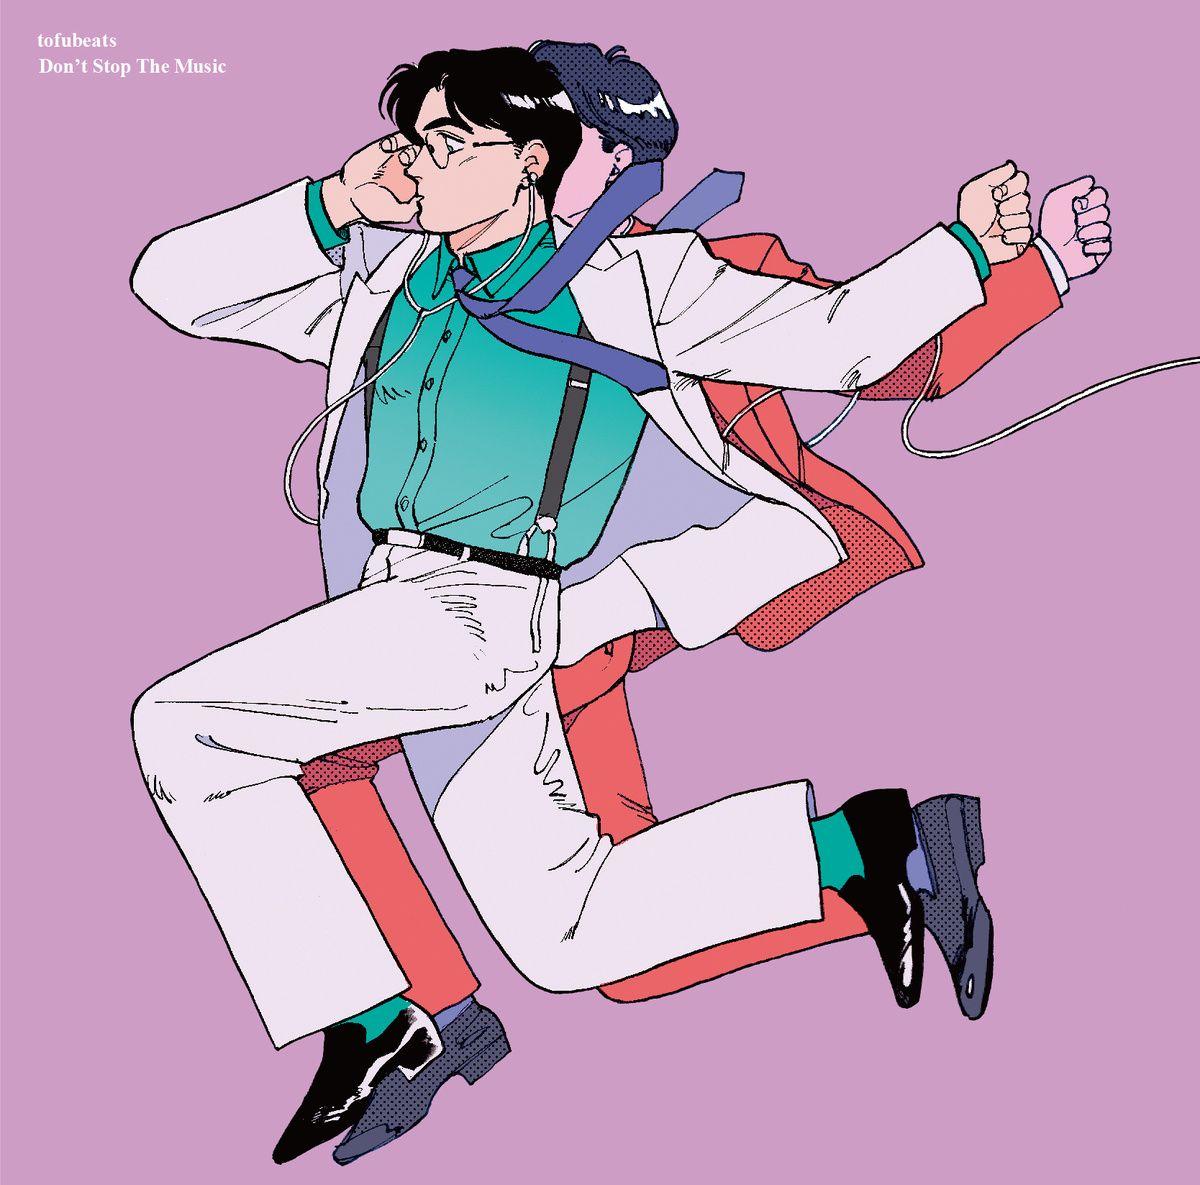 Don't Stop The Music feat Chisato Moritaka(tofubeats IRL mix